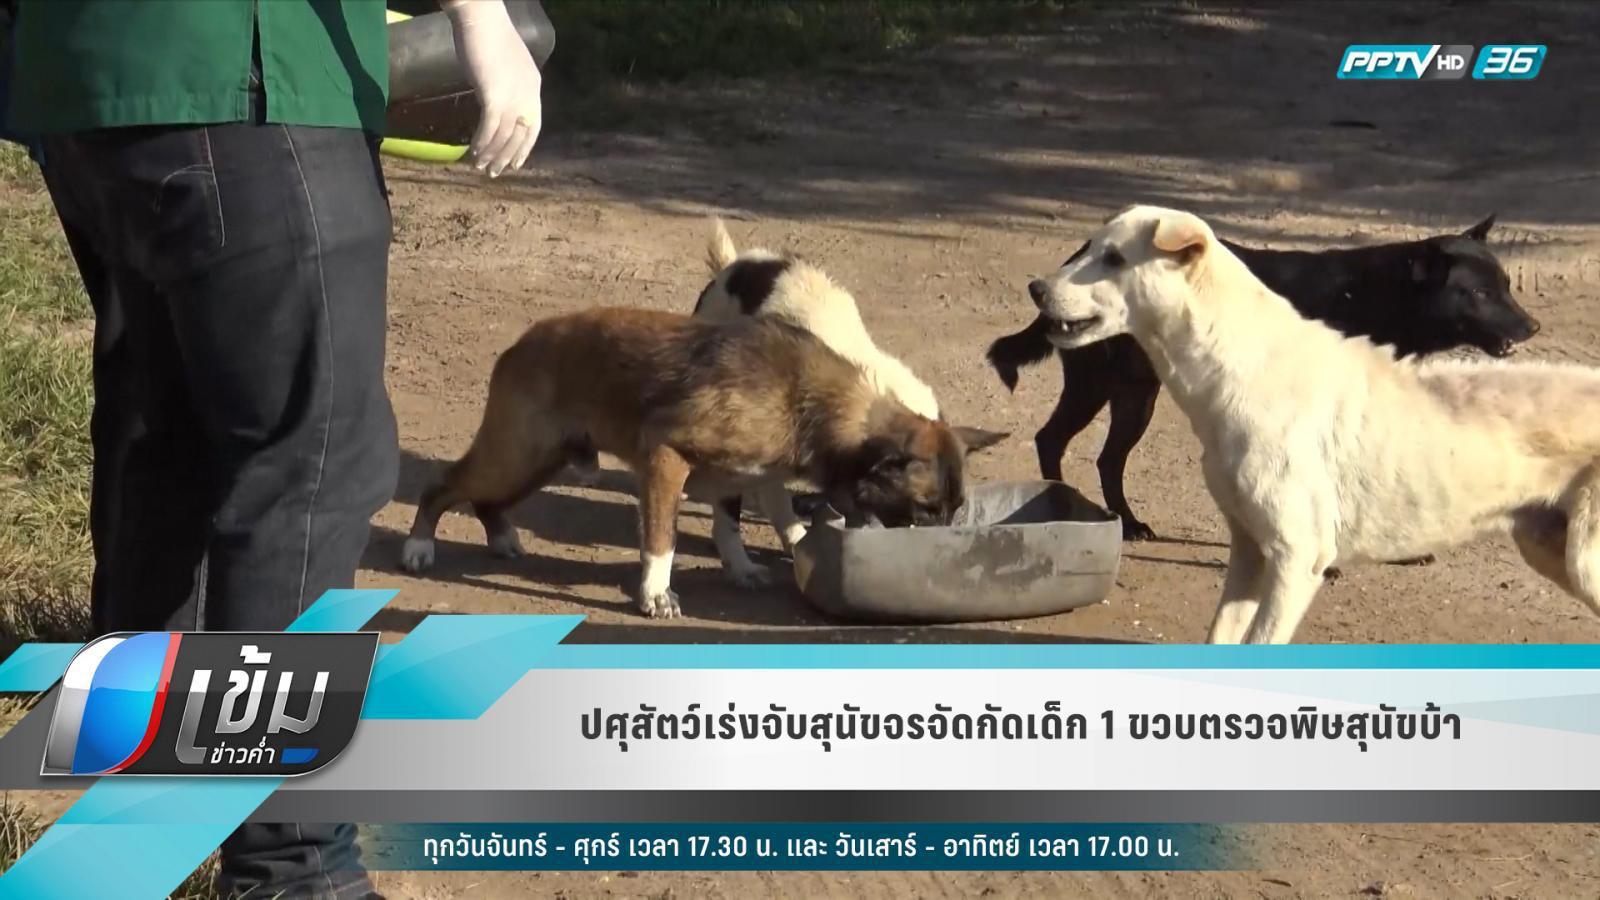 ปศุสัตว์เร่งจับสุนัขจรจัดกัดเด็ก 1 ขวบตรวจพิษสุนัขบ้า